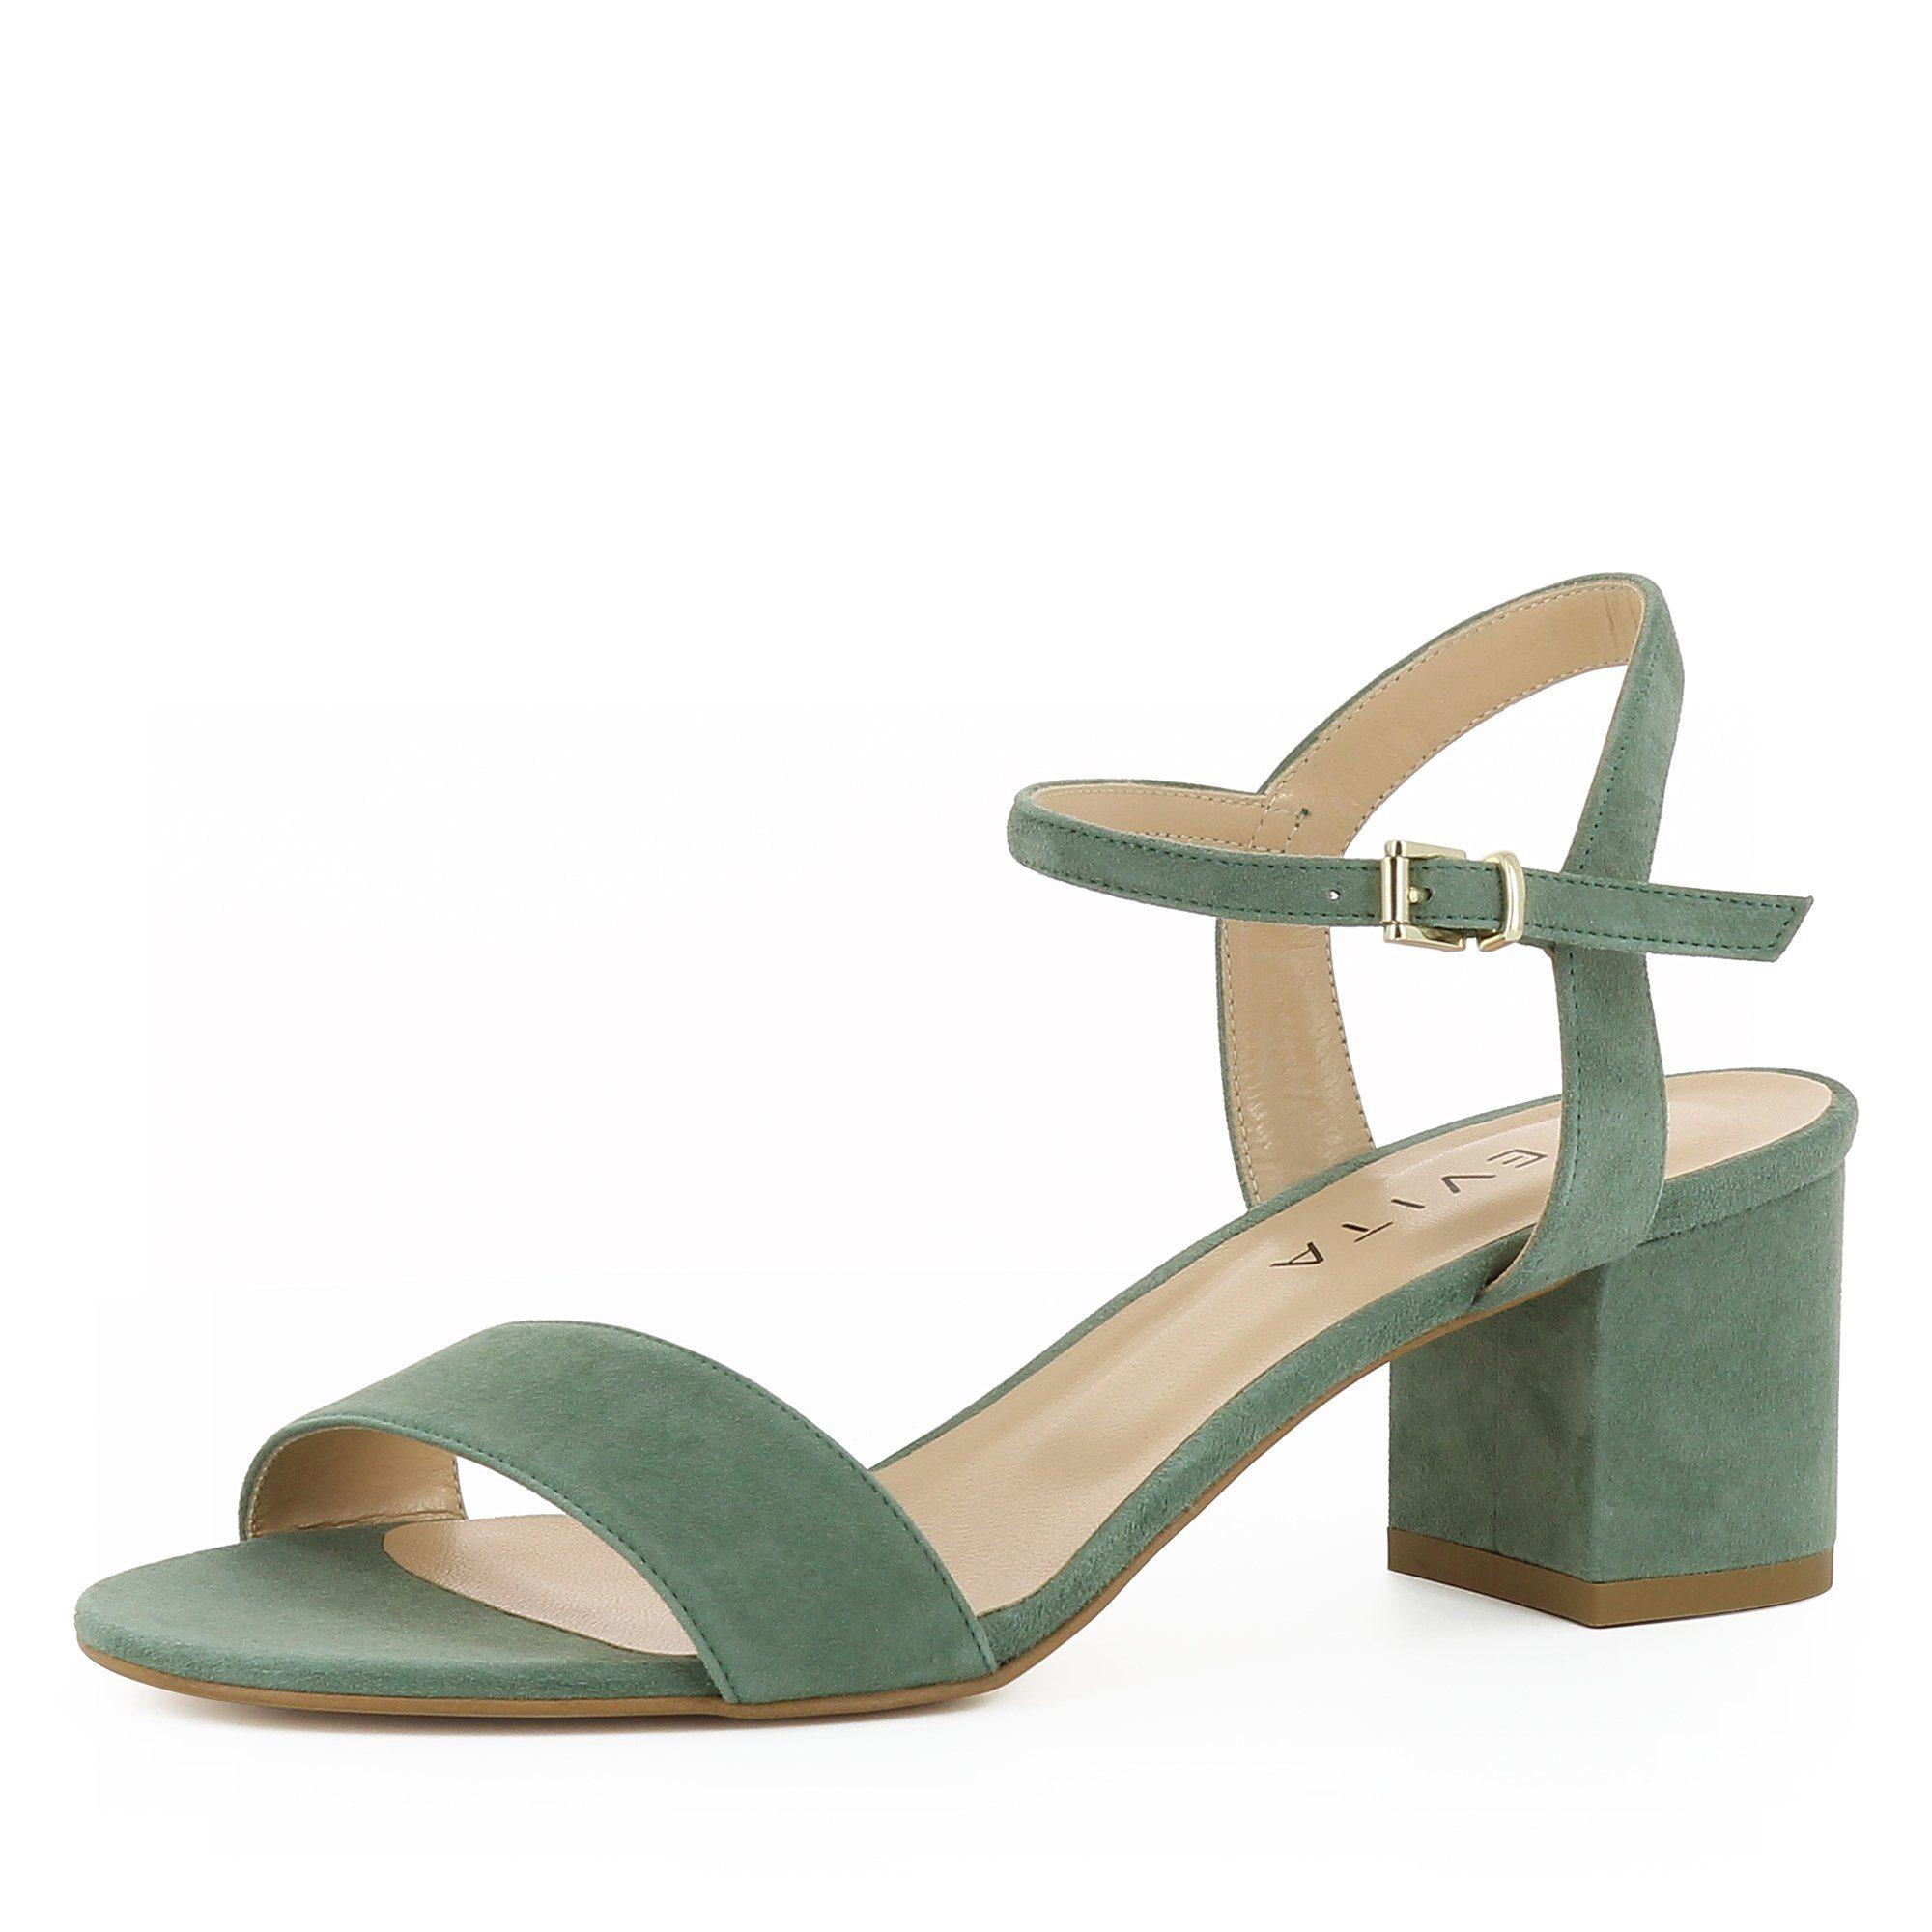 Evita MARIELLA Sandalette online kaufen  olivgrün